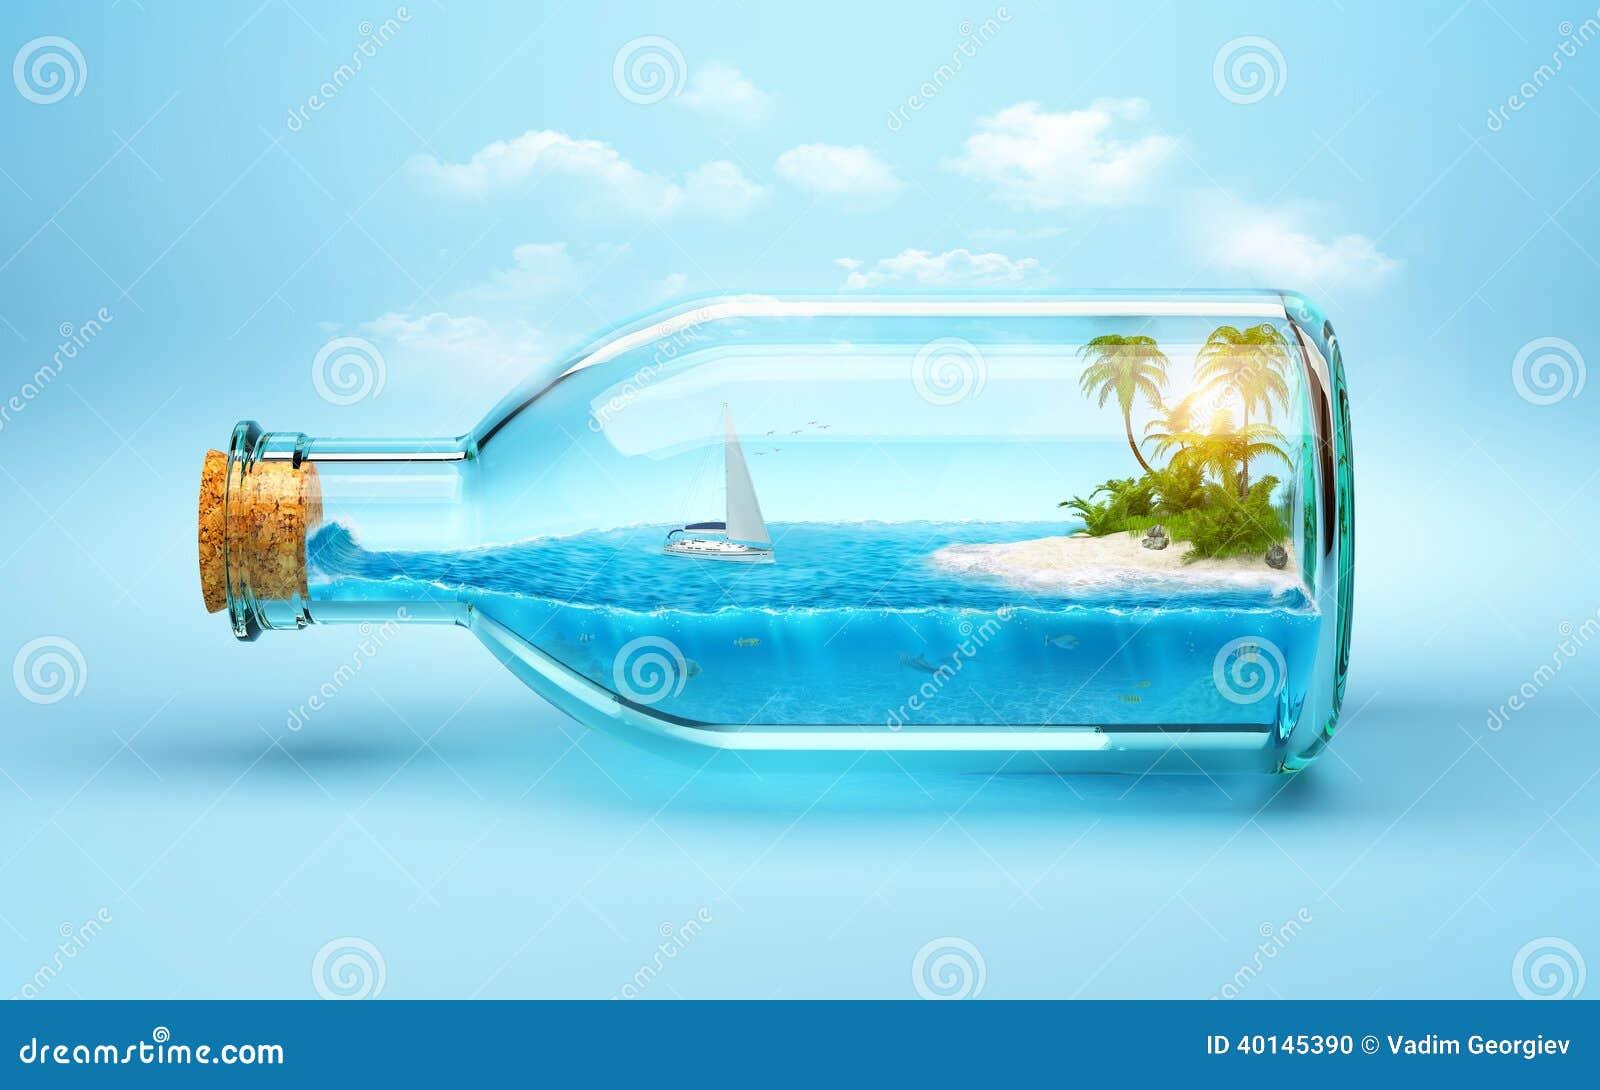 Download остров тропический иллюстрация штока. иллюстрации насчитывающей baxter - 40145390